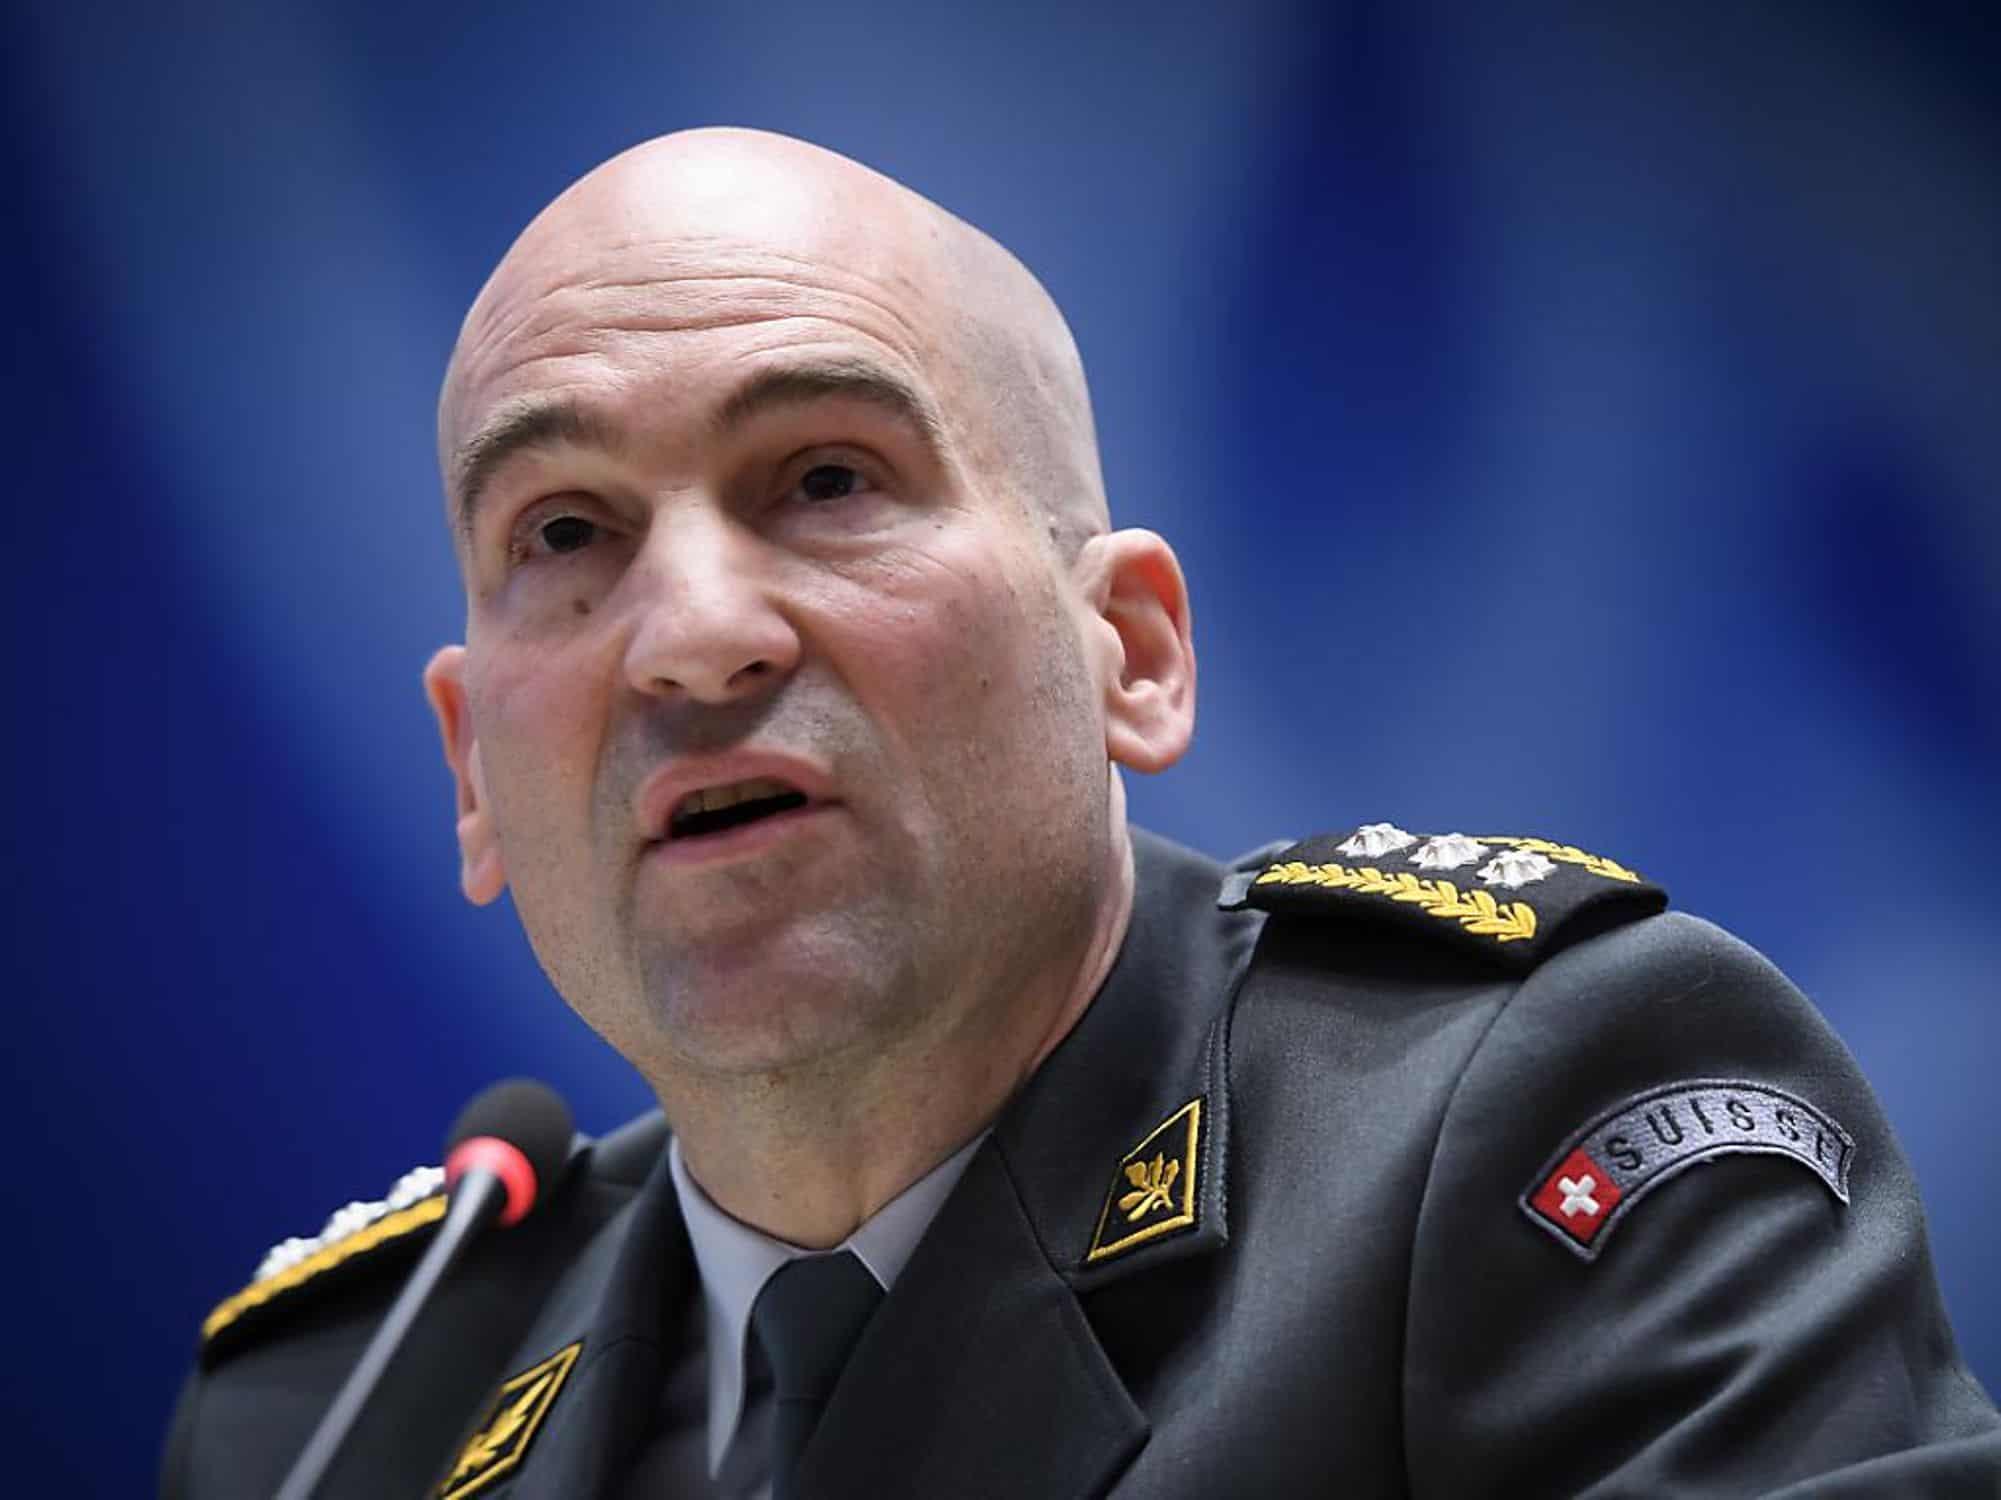 Thomas Suessli est à la tête de l'armée suisse depuis le 1er janvier 2020 (archives). KEYSTONE/ANTHONY ANEX